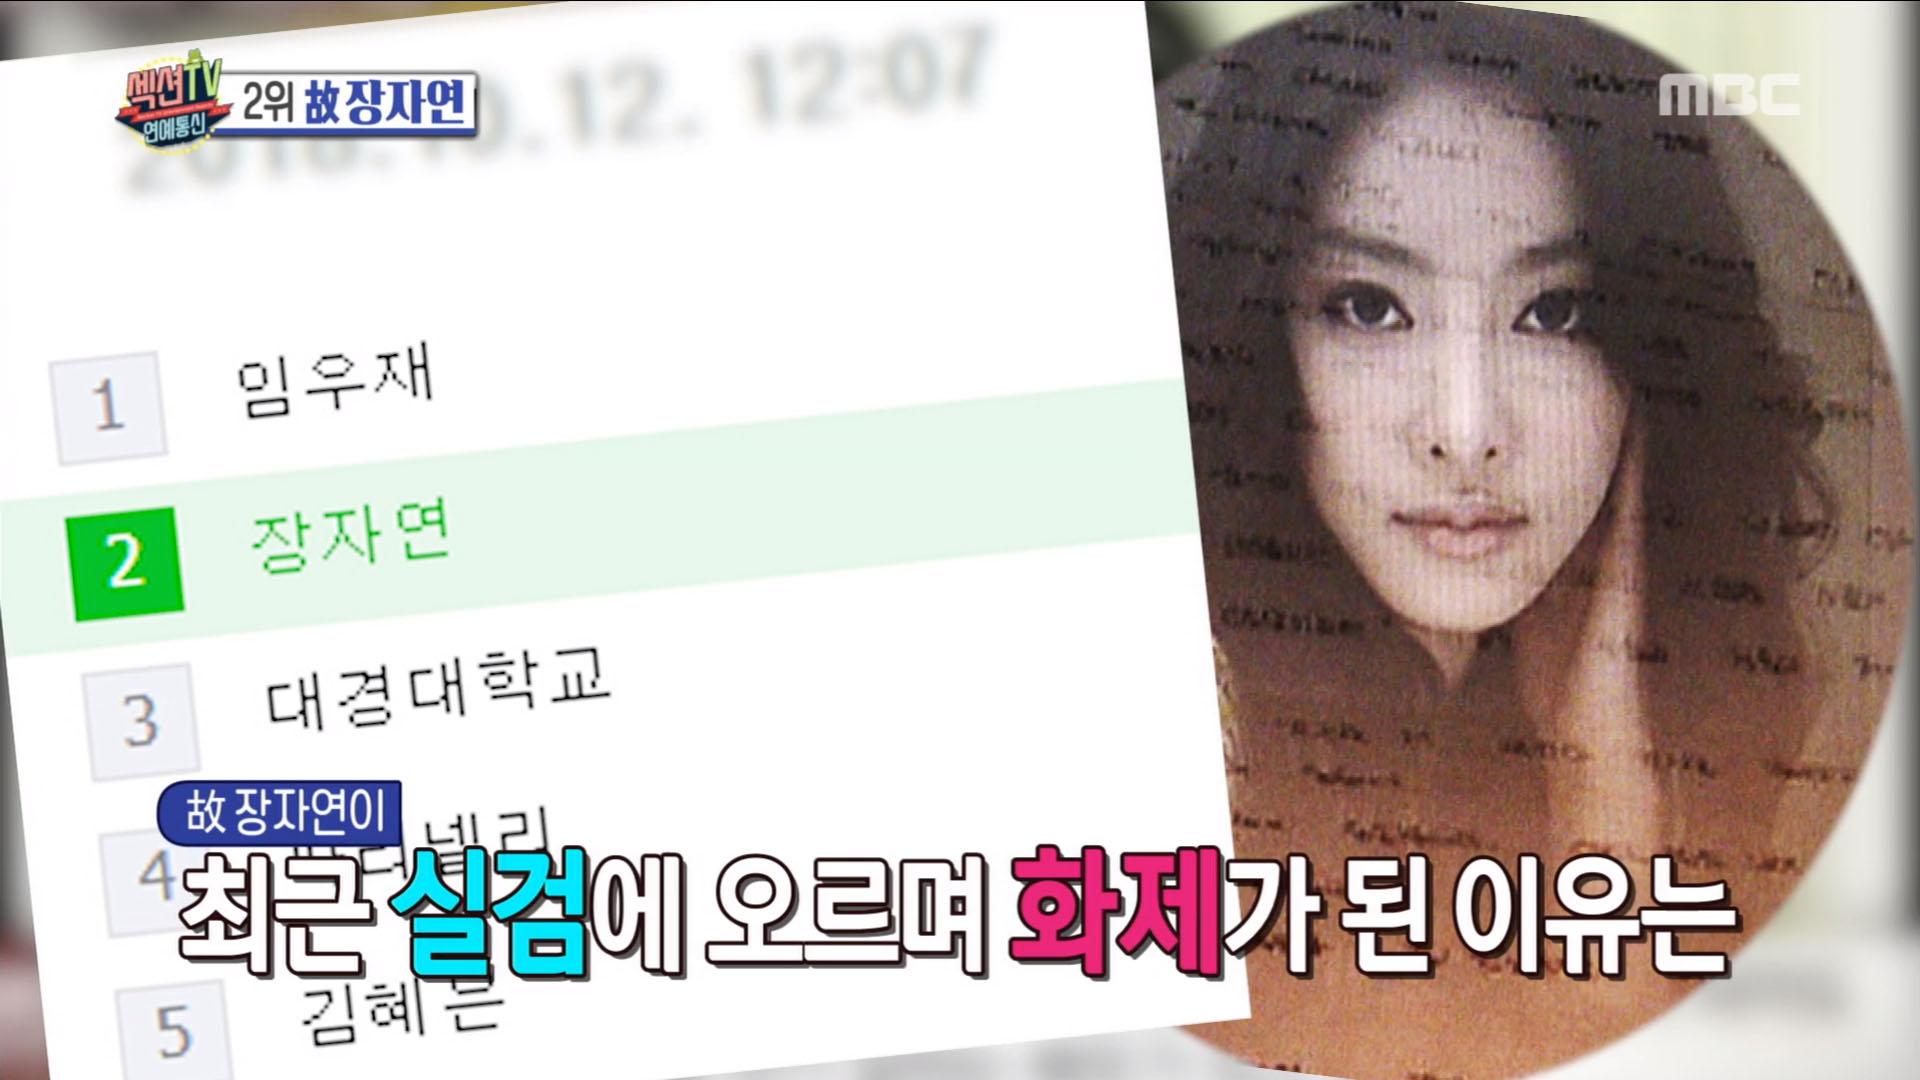 '섹션TV 연예통신' 故 장자연 부실 수사 의혹, 임우재와 '35번 통화'에도 조사 미실시